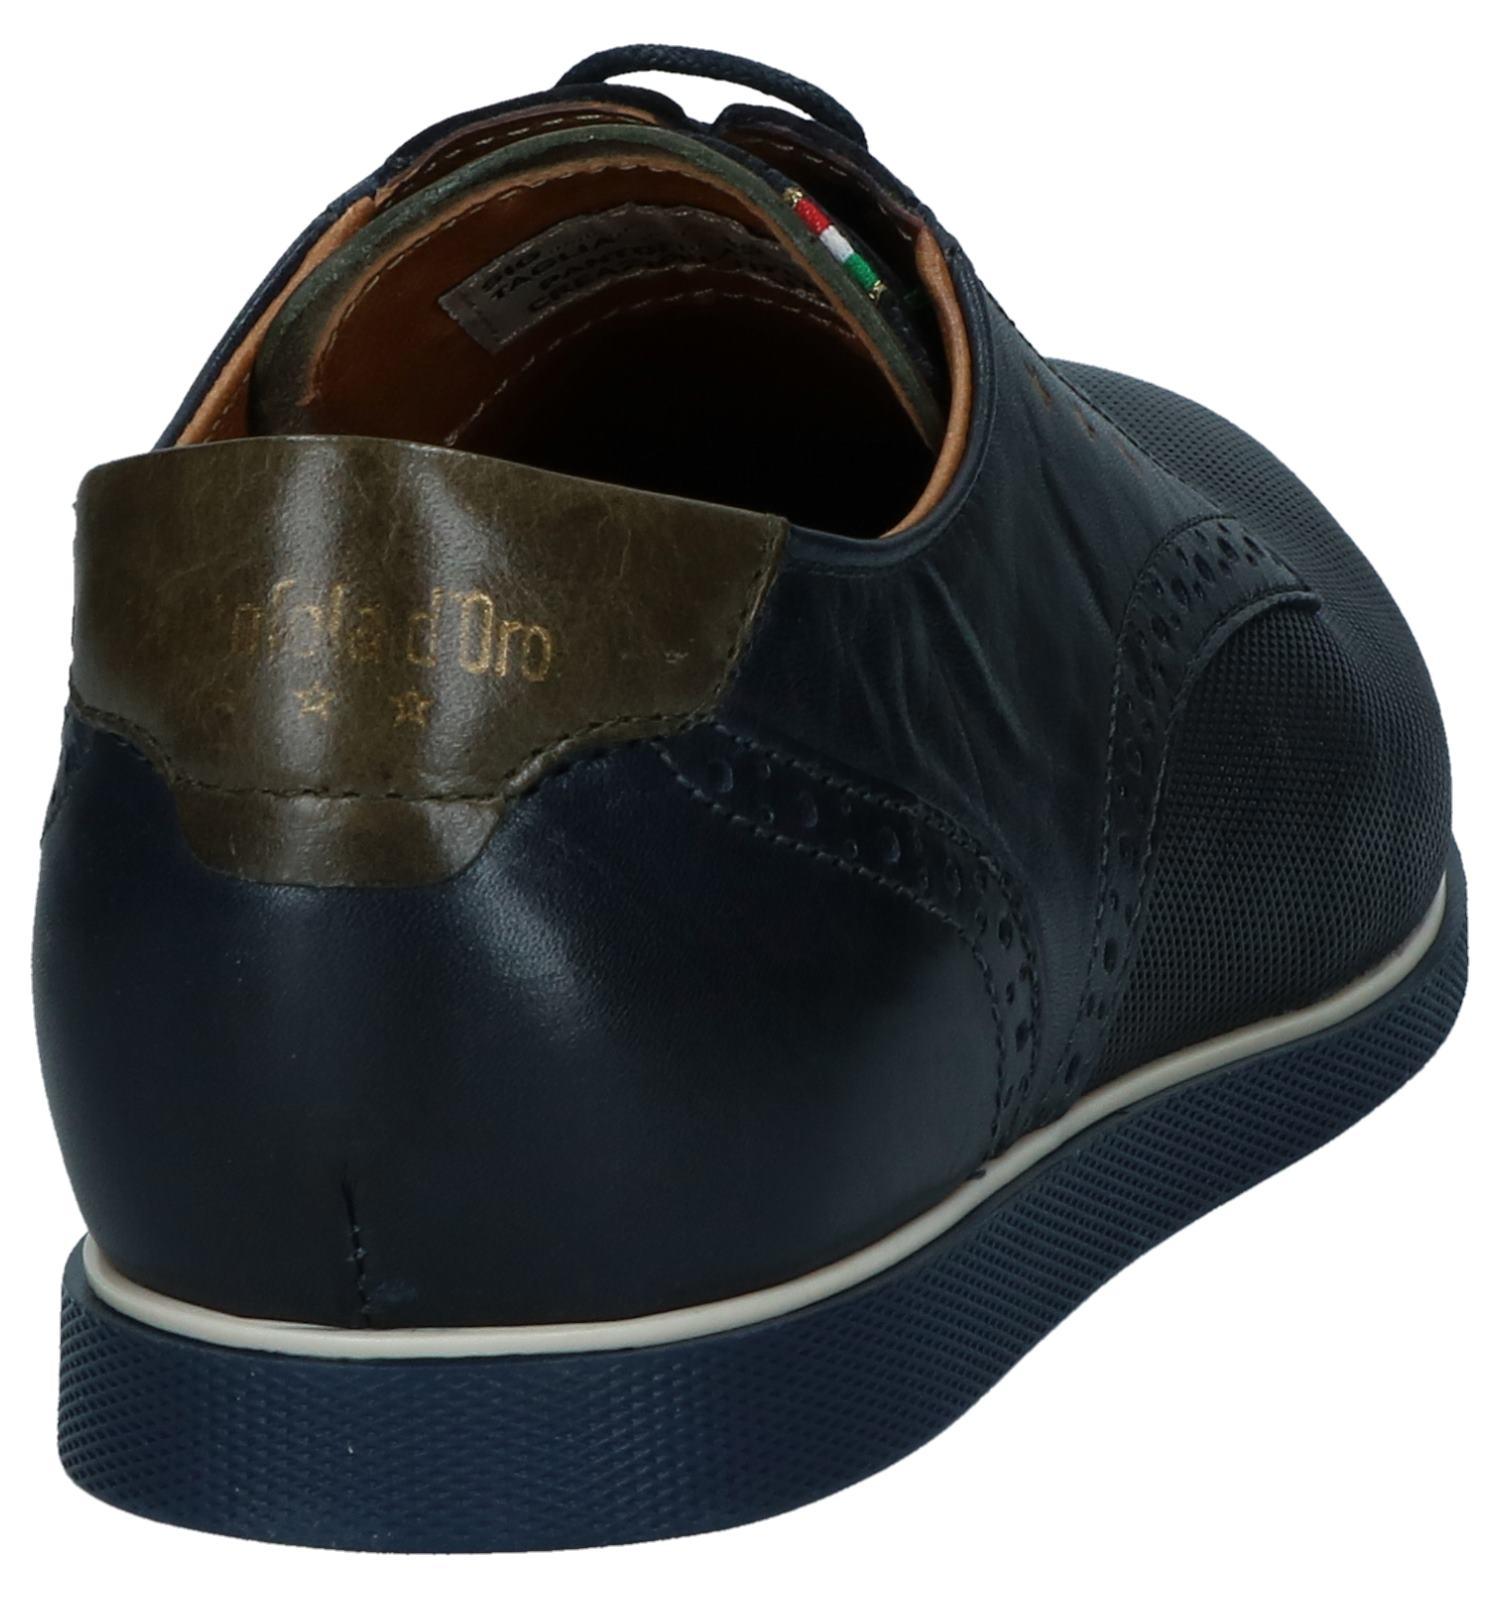 Nette Pantofola Donkerblauwe Donkerblauwe Veterschoenen D'oro T3F1lKJc